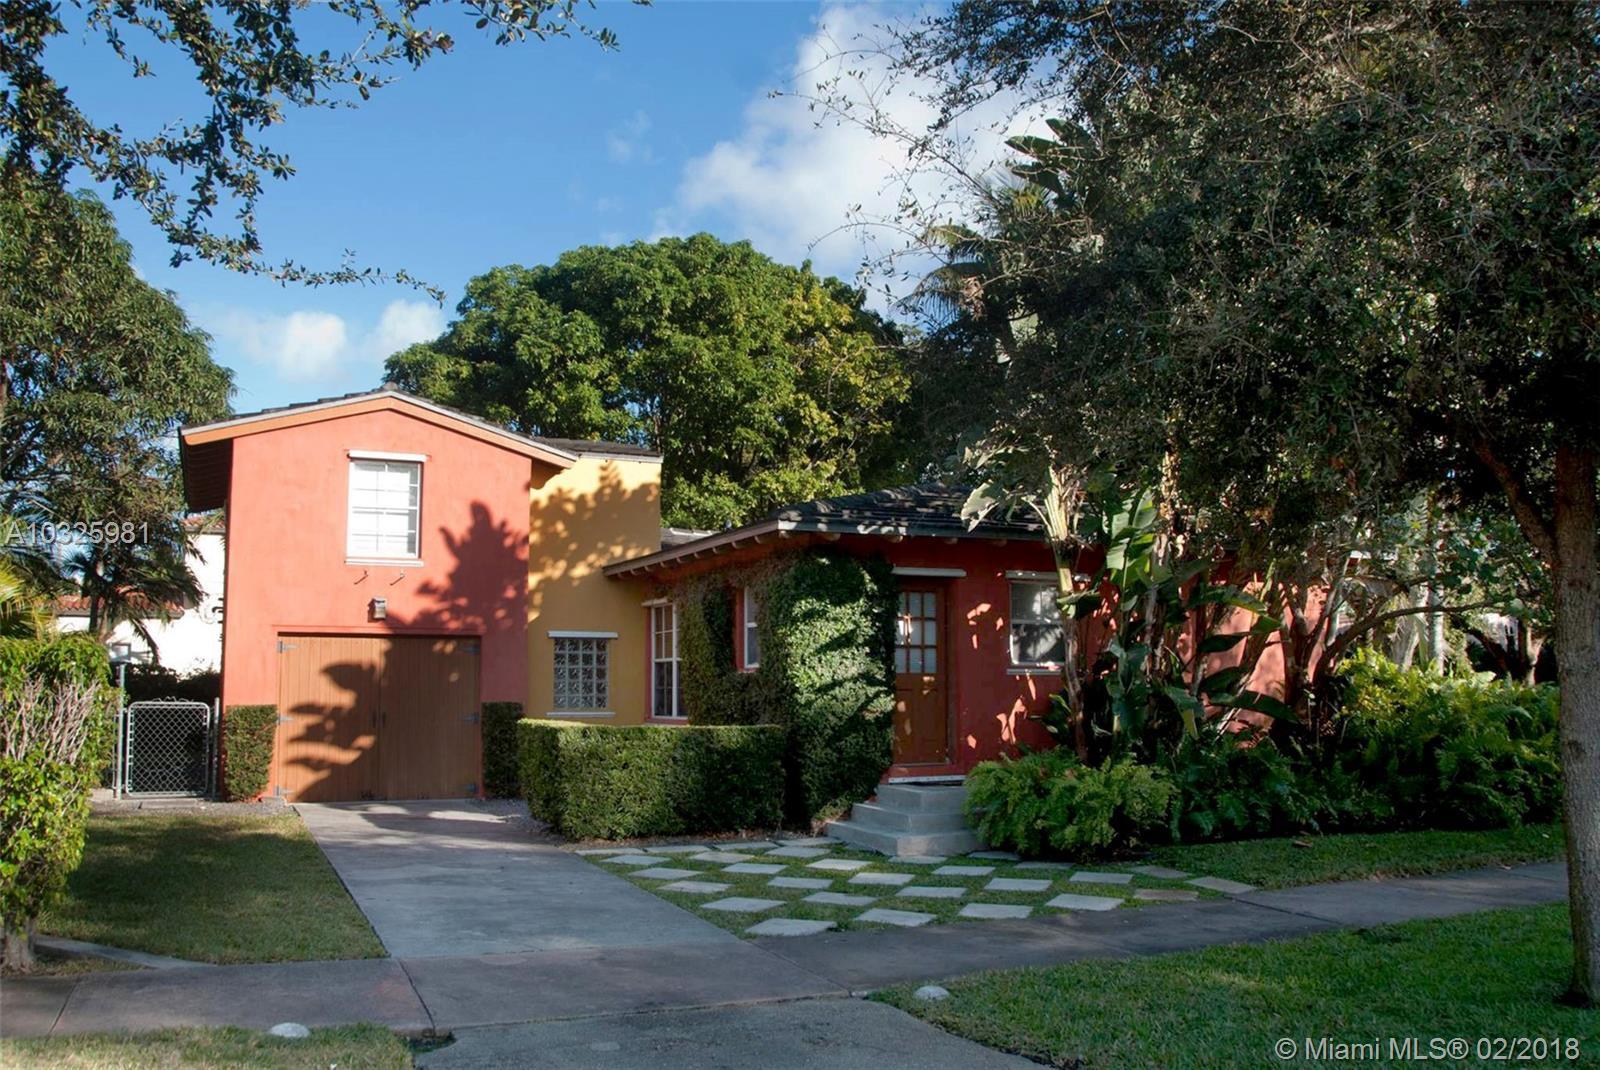 243 CAMILO AV - Coral Gables, Florida